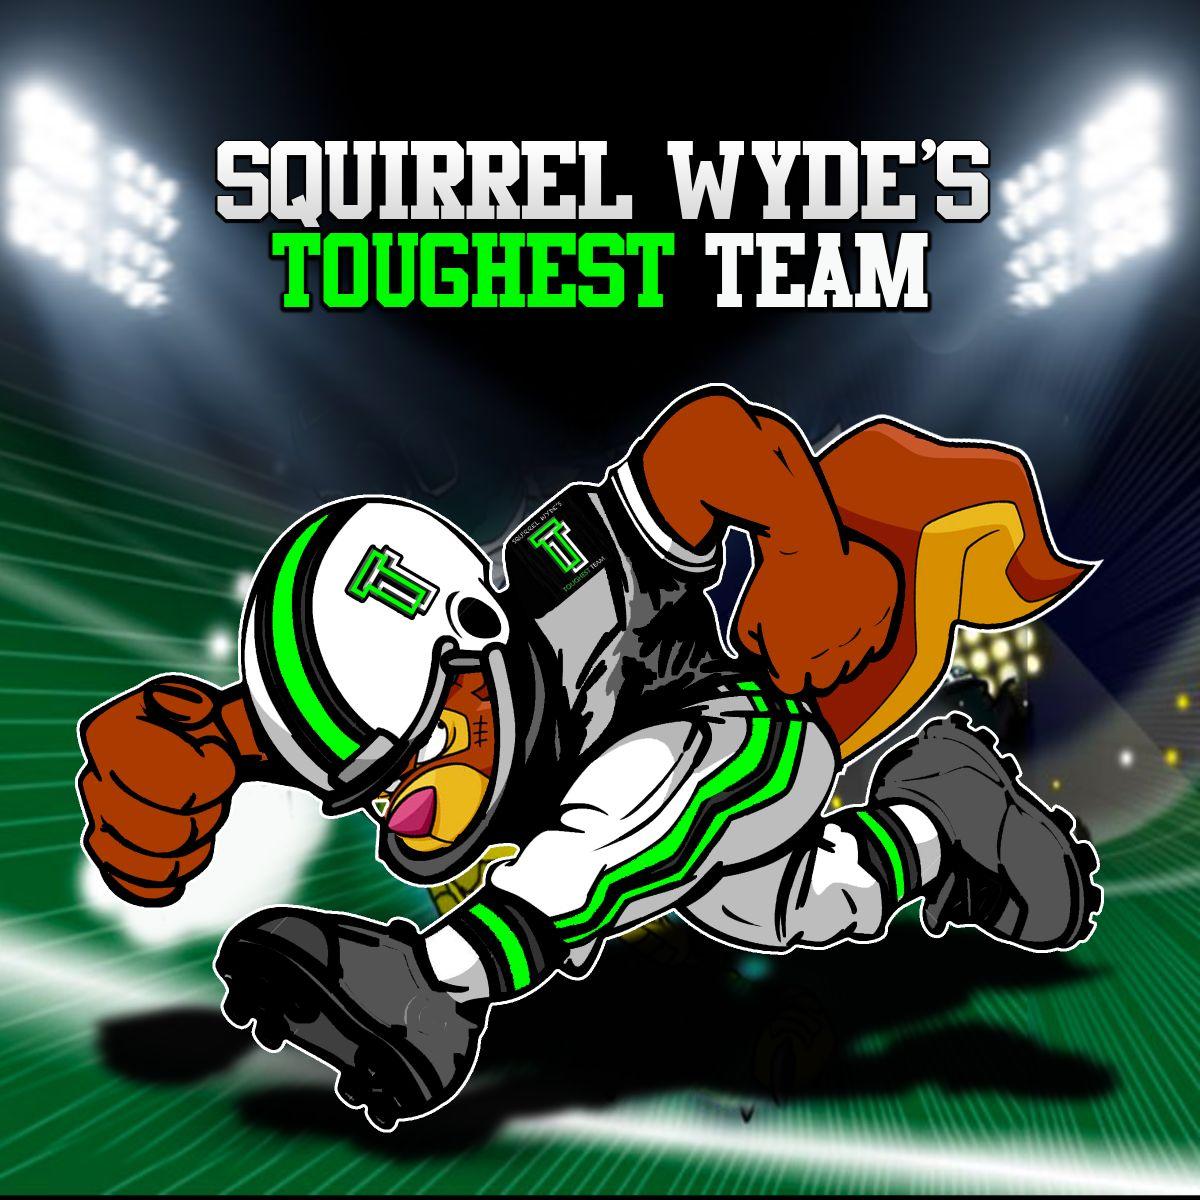 Squirrel's Toughest Teams